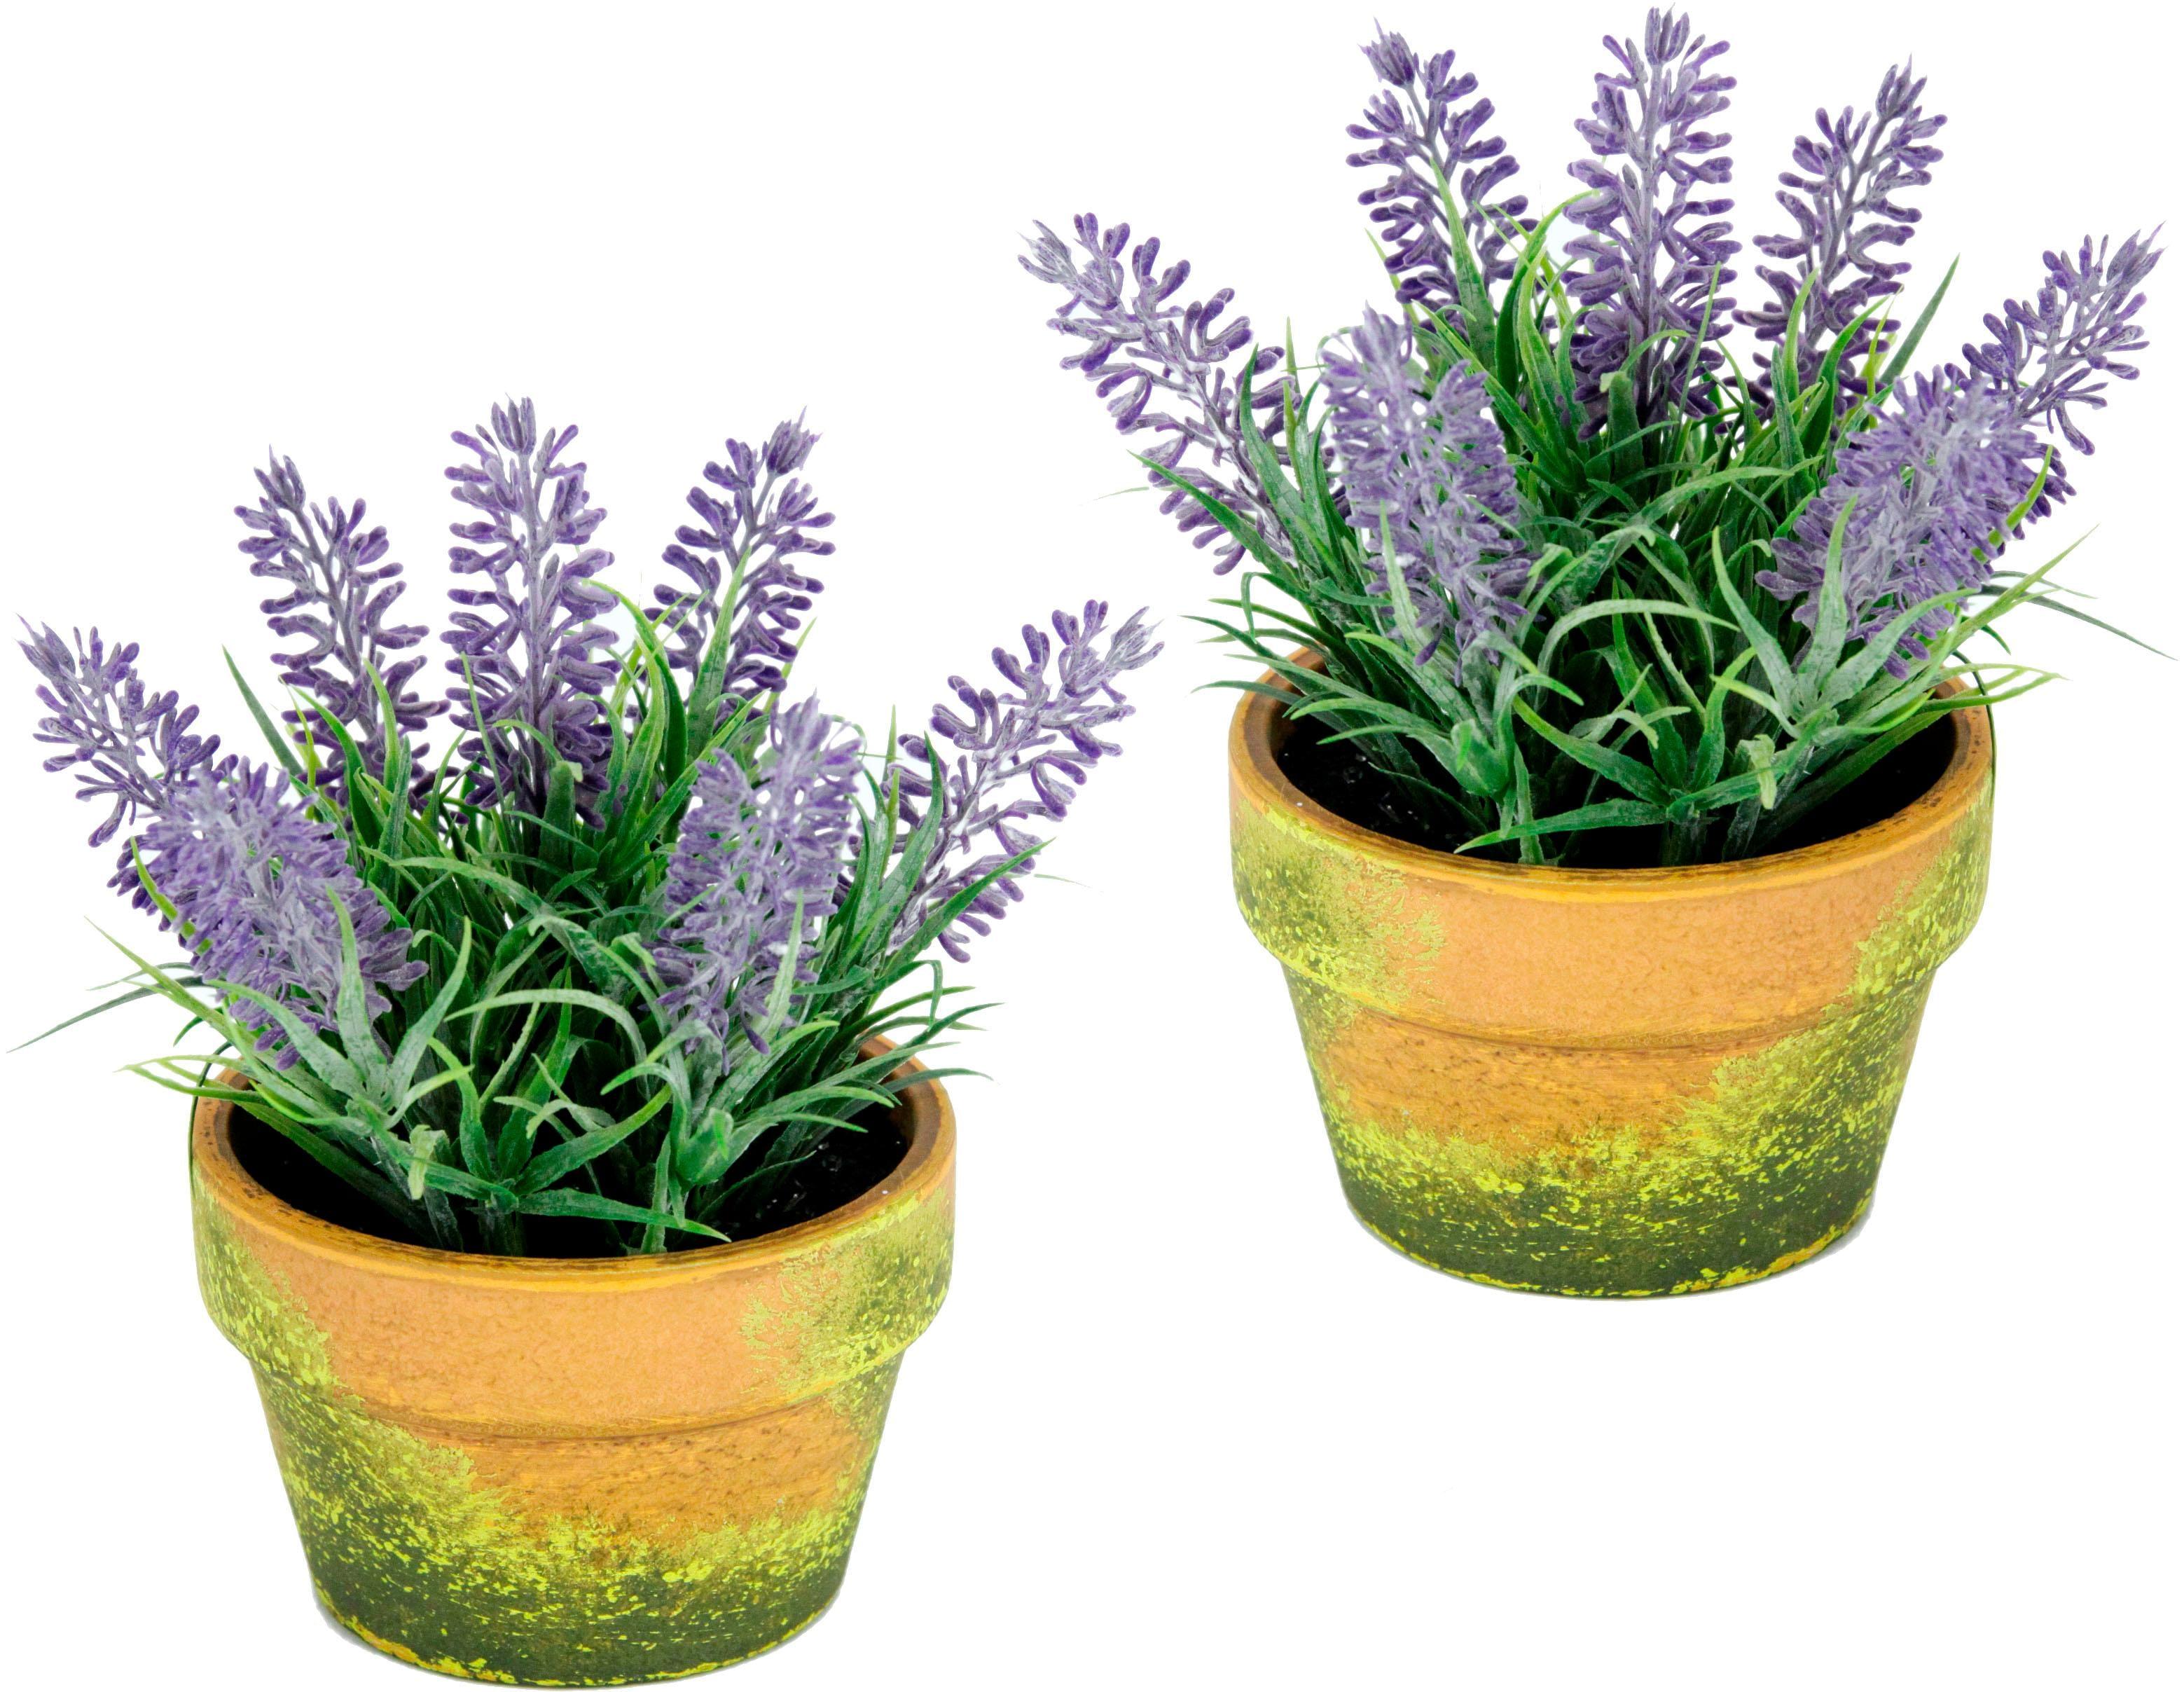 I.GE.A. Kunstblume, im Topf lila Künstliche Zimmerpflanzen Kunstpflanzen Wohnaccessoires Kunstblume